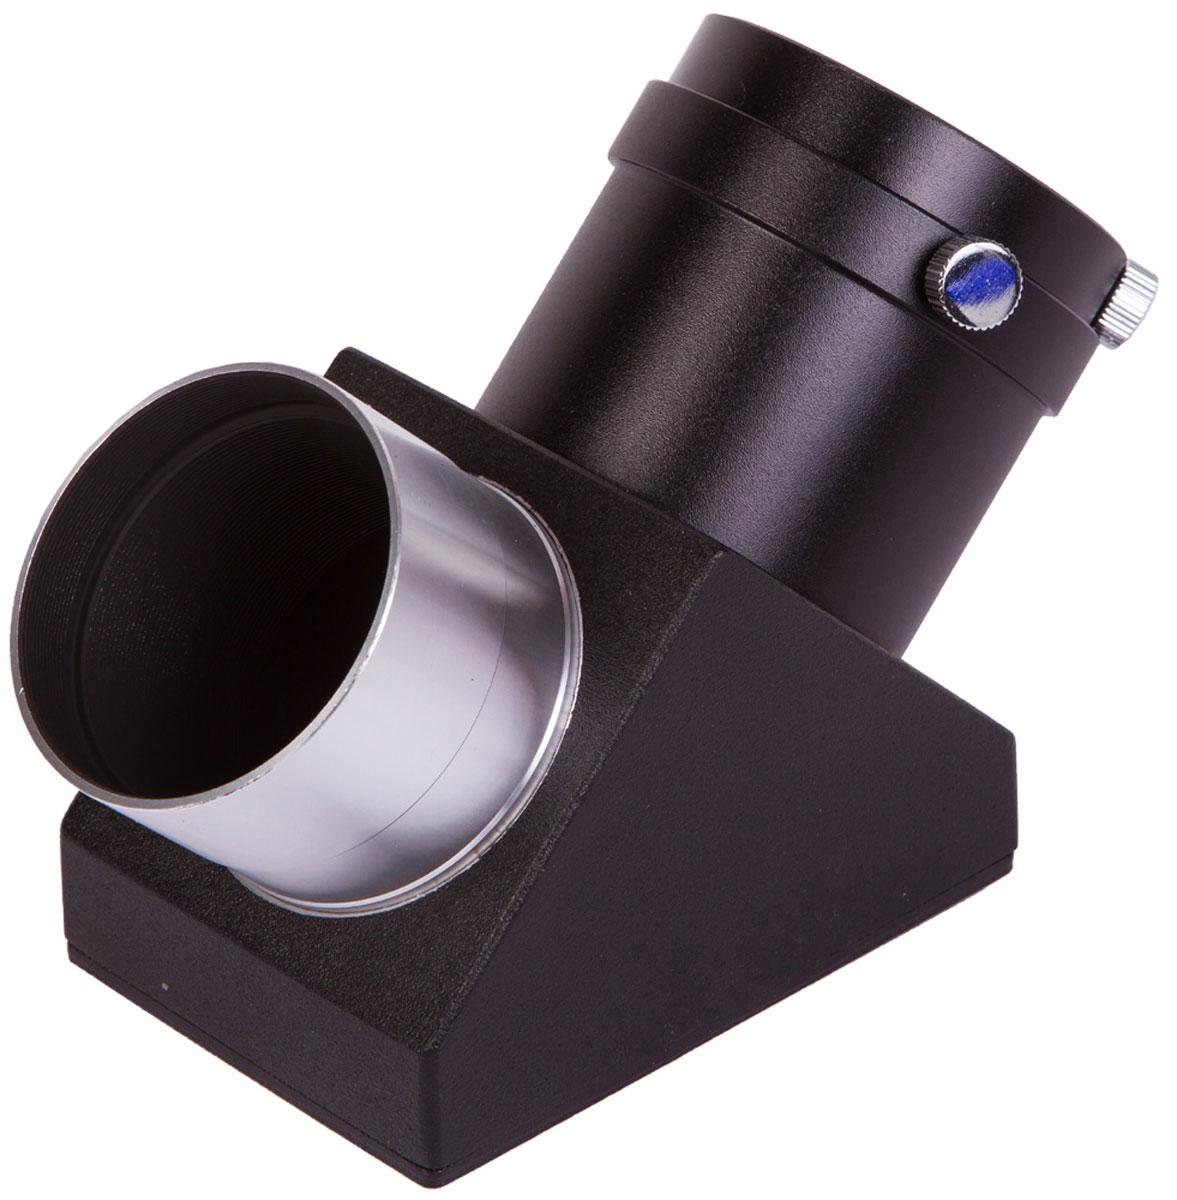 Sky-Watcher 69328 диагональное зеркало 90° 269328Диагональное зеркало Sky-Watcher 69328 используется с рефракторами и катадиоптриками. Этот аксессуар позволяет получить неперевернутое изображение в окуляре. Кроме того, благодаря диагональному зеркалу можно вести наблюдения из более удобного положения.Диагональное зеркало вставляется в фокусировочный узел телескопа, после чего в зеркало устанавливается окуляр. Посадочный диаметр этой модели – 2. Диагональное зеркало поставляется с адаптером, который позволяет использовать окуляры с посадочным диаметром 1,25. Благодаря многослойному покрытию оптики изображение получается четким и неискаженным.